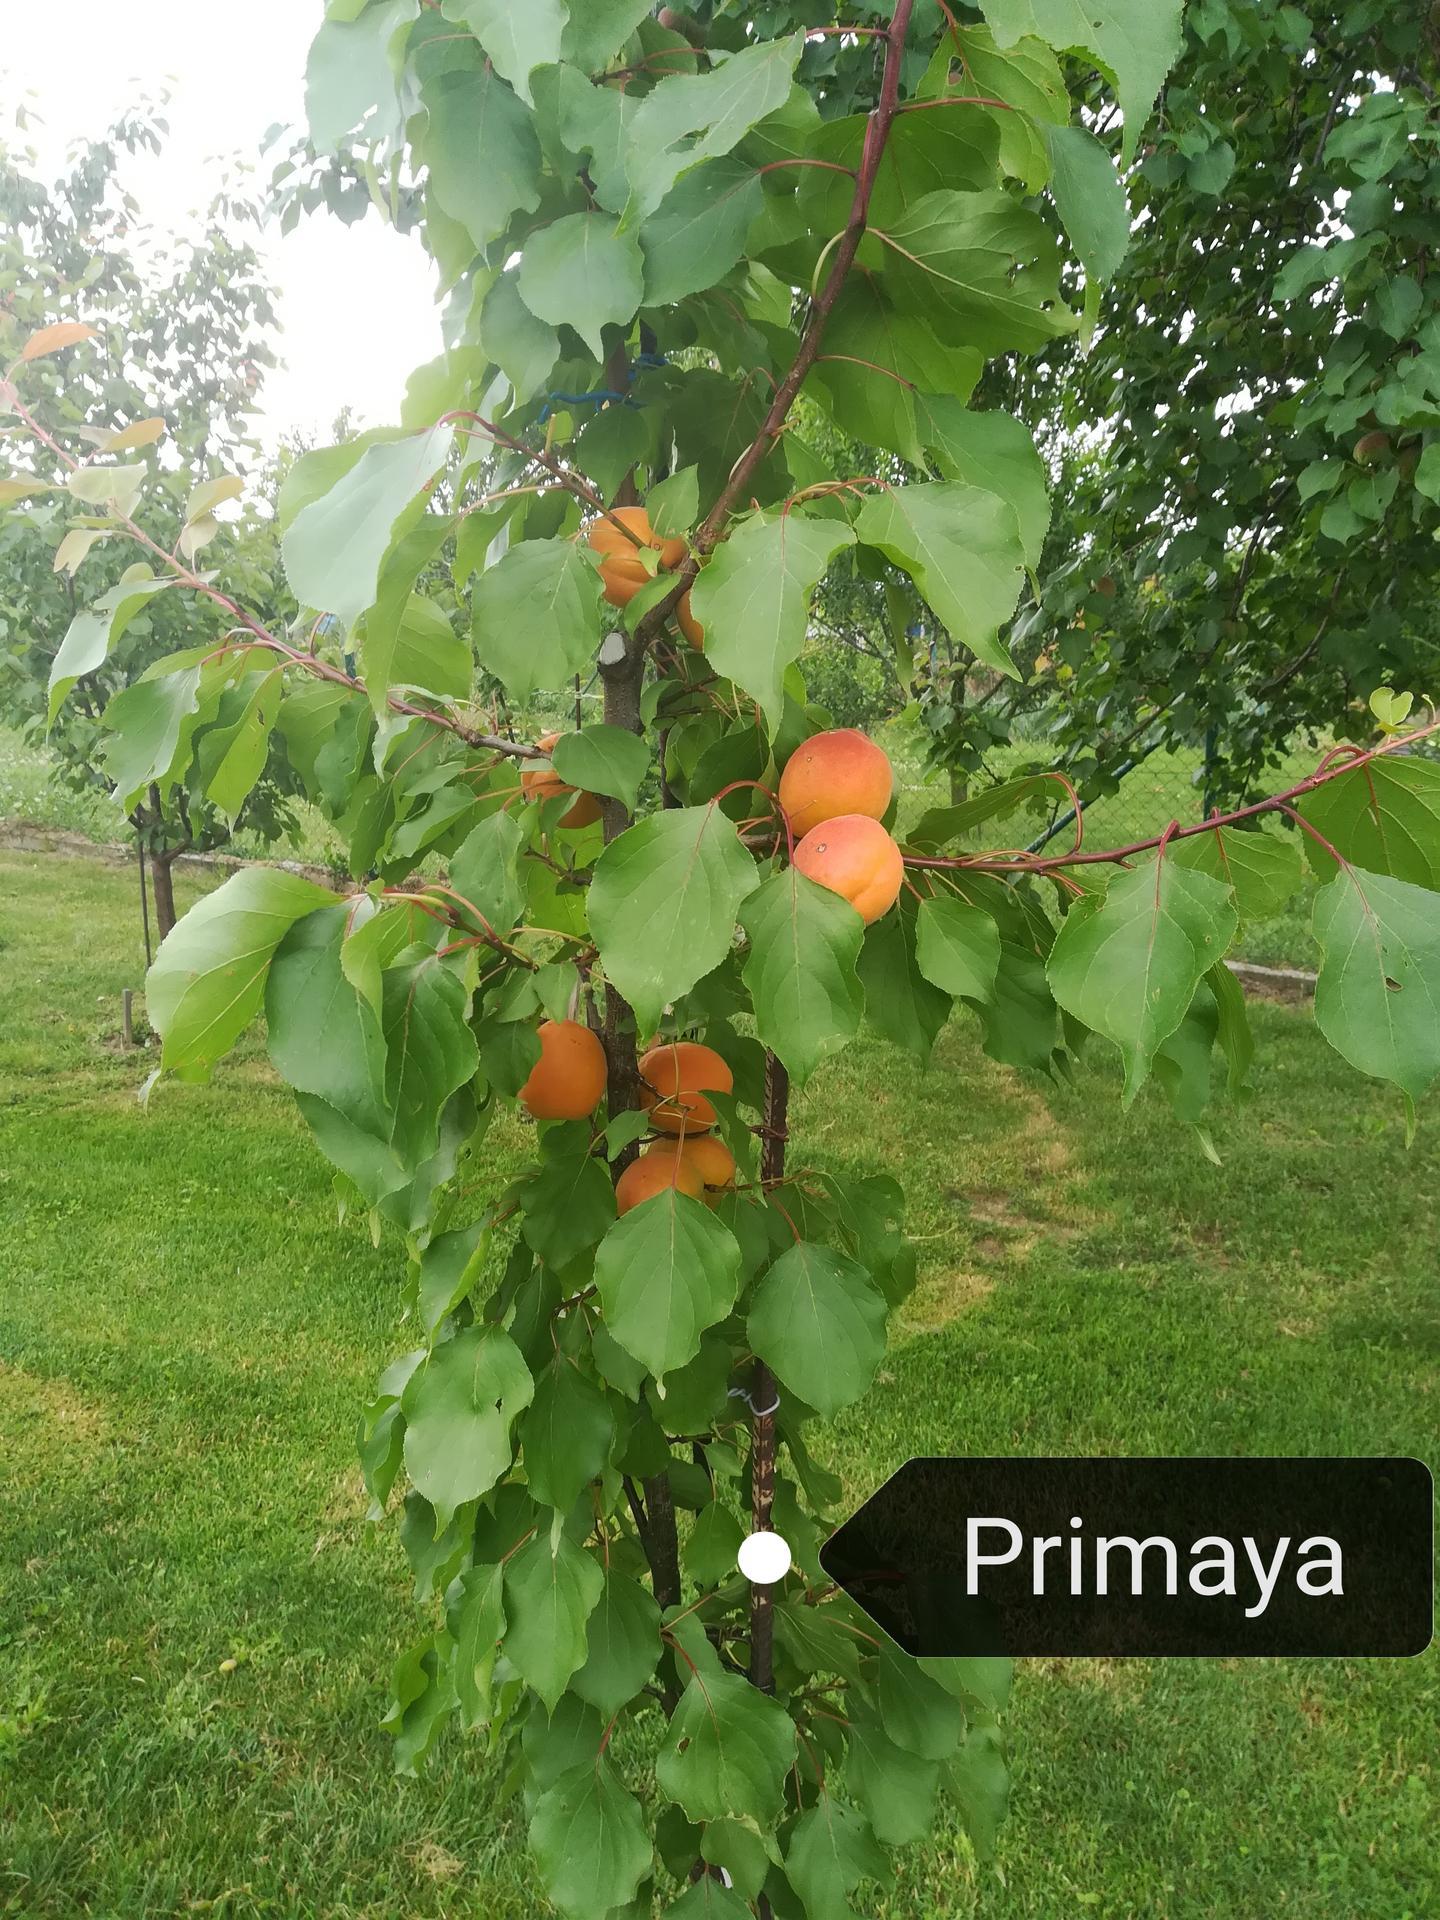 Prvá úroda marhulky Primaya... - Obrázok č. 1